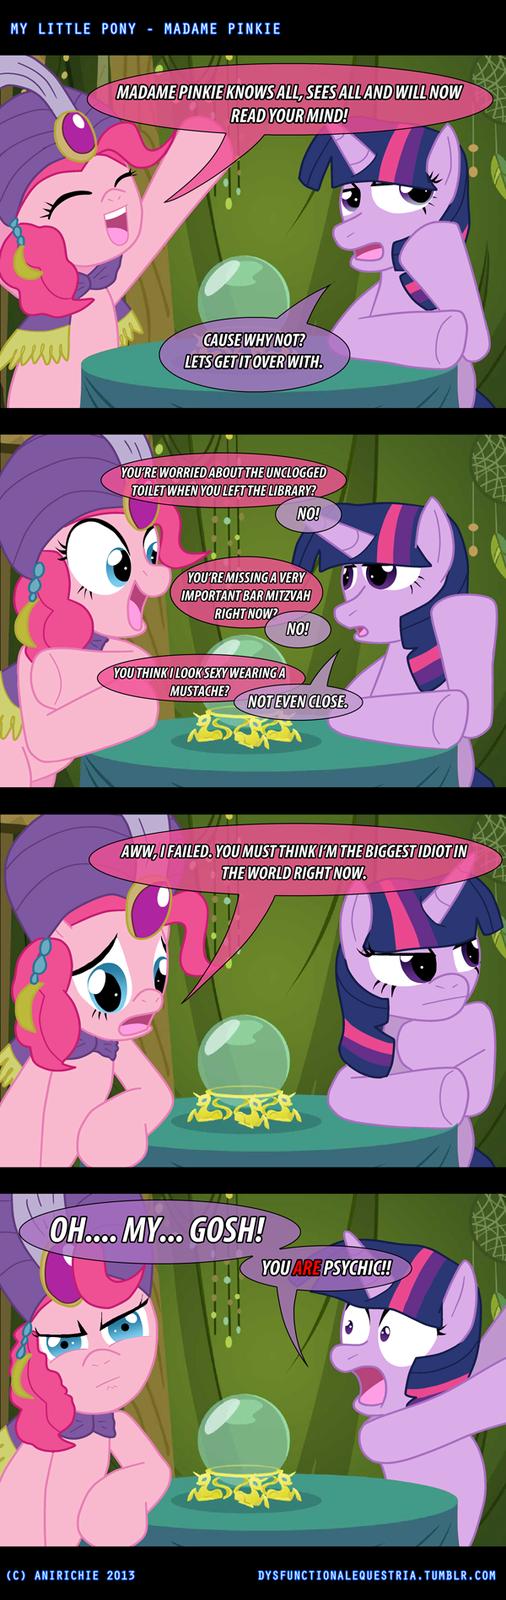 Madame Pinkie